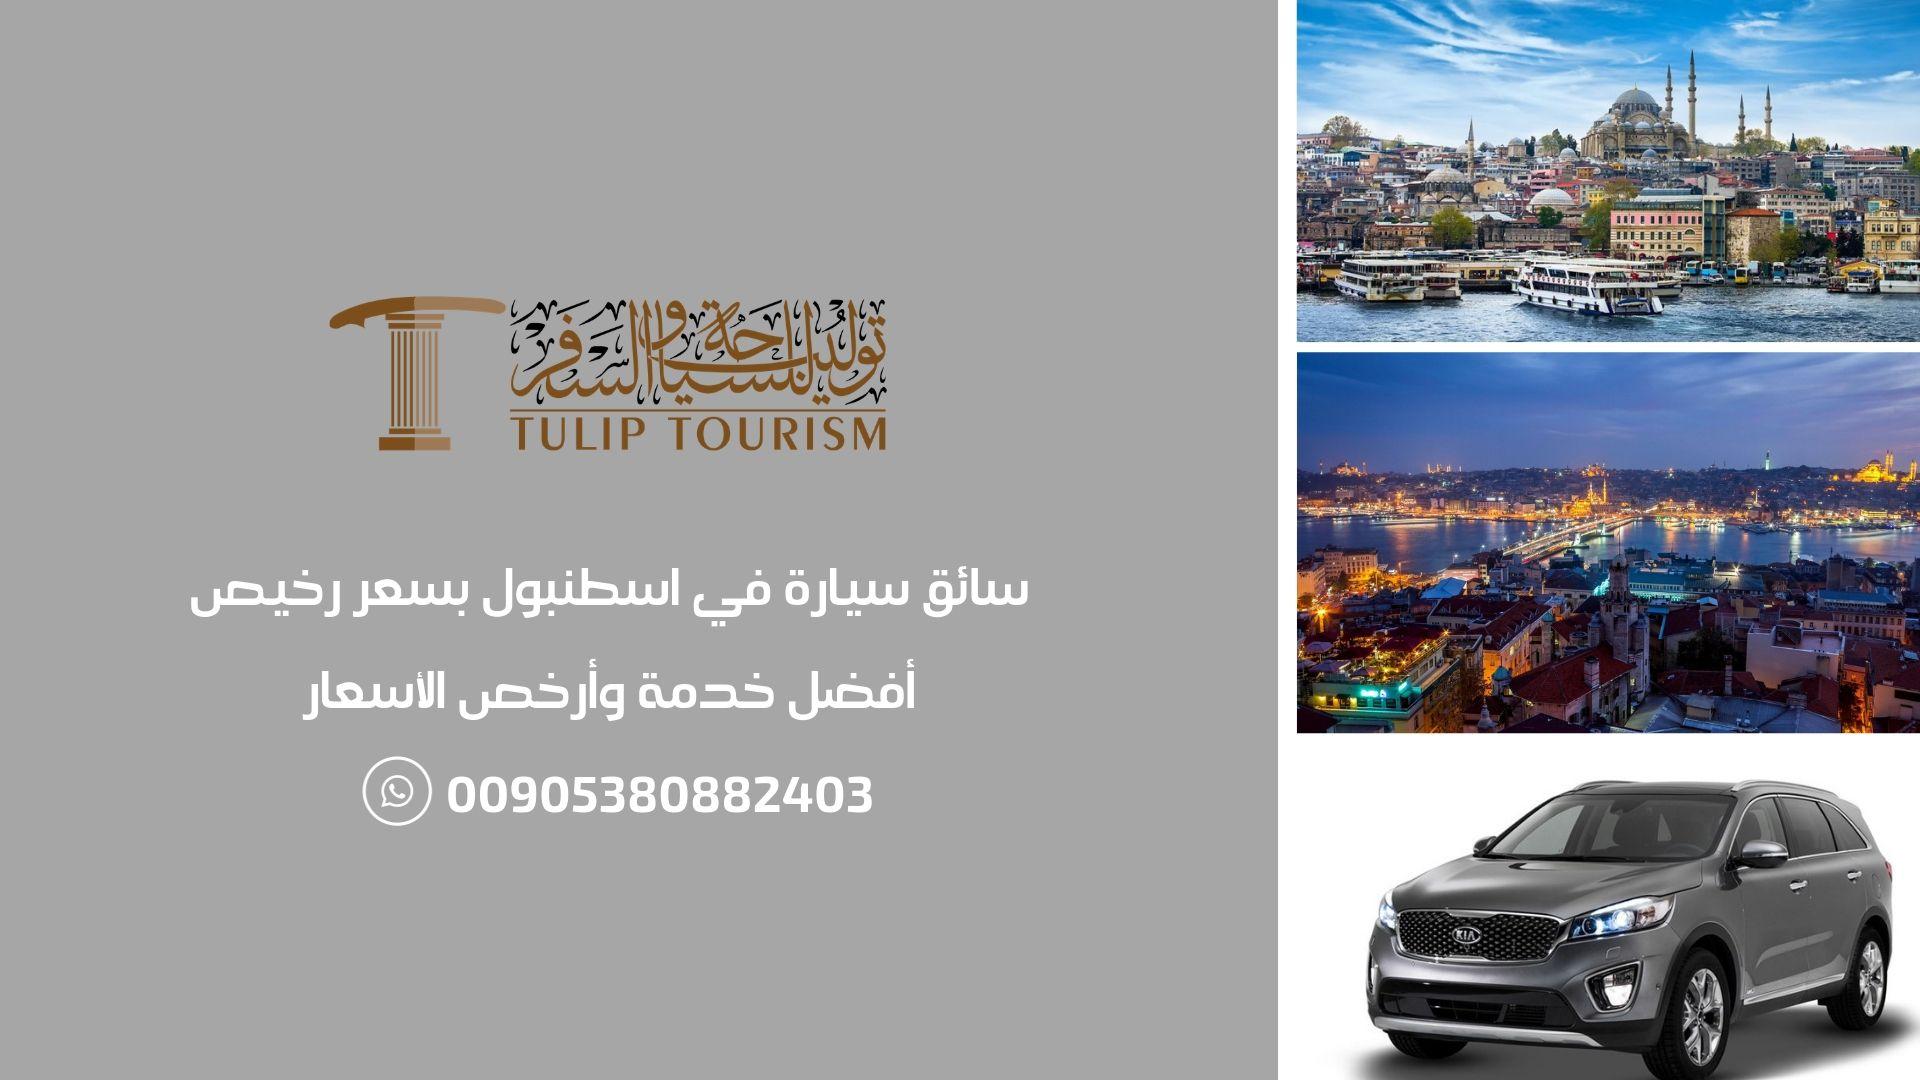 سائق سيارة في اسطنبول بسعر رخيص